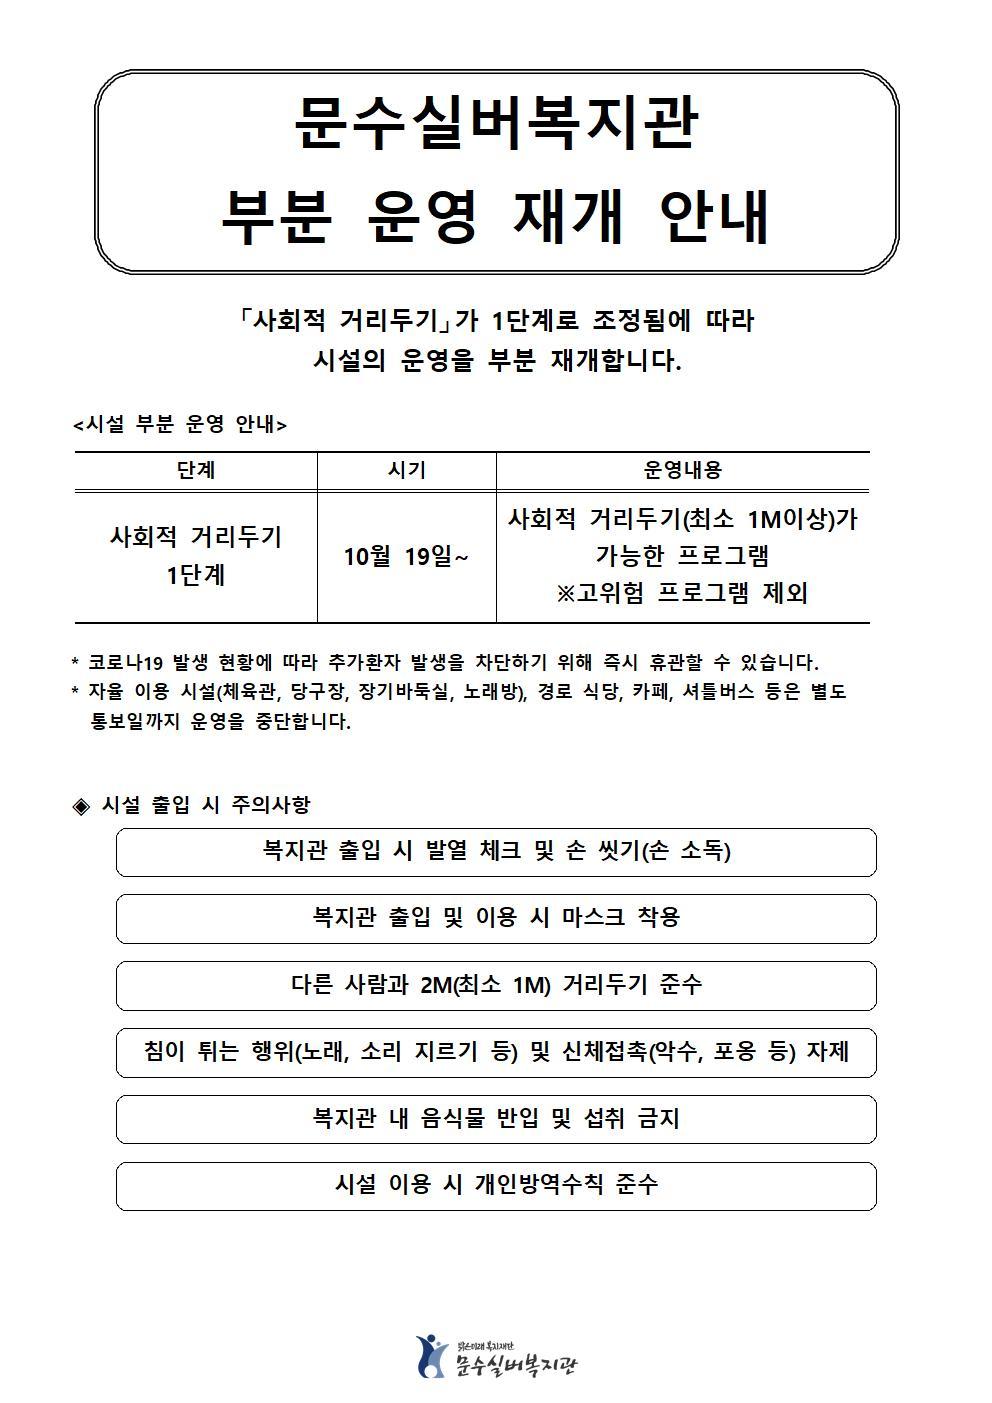 복지관 운영재개 안내_전체취합001.jpg